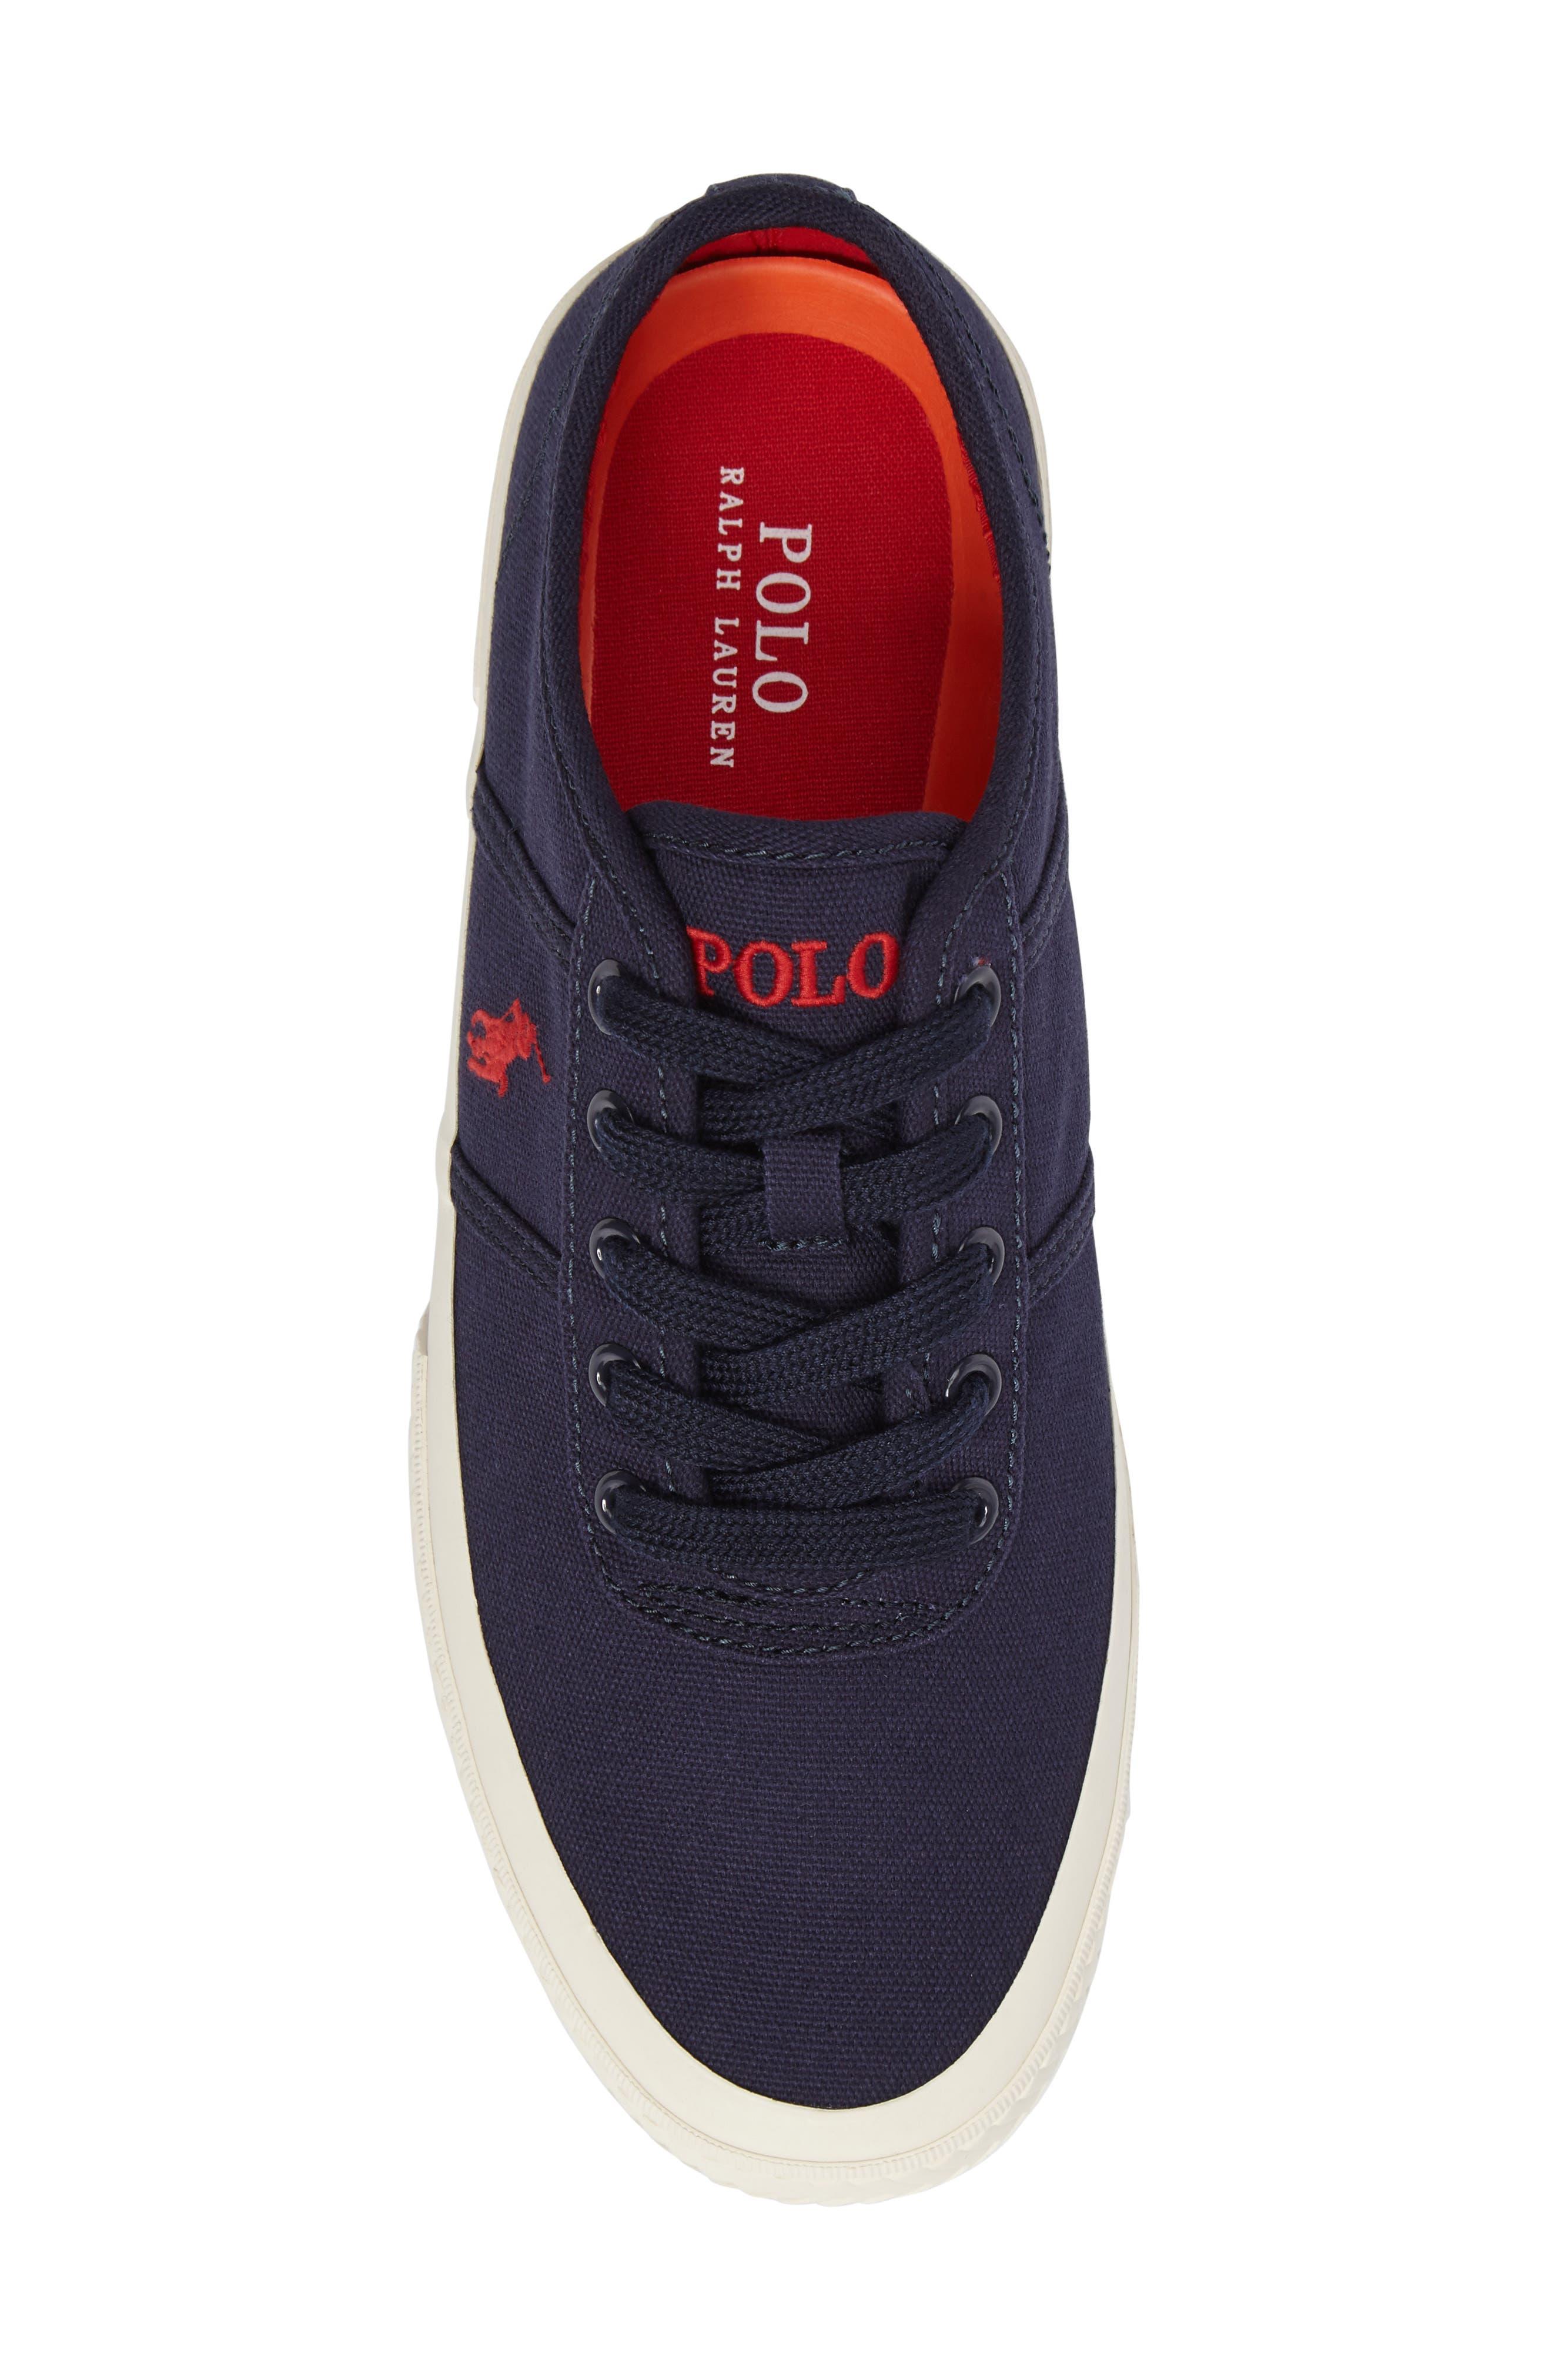 Polo Ralph Lauren Tyrian Sneaker,                             Alternate thumbnail 5, color,                             410